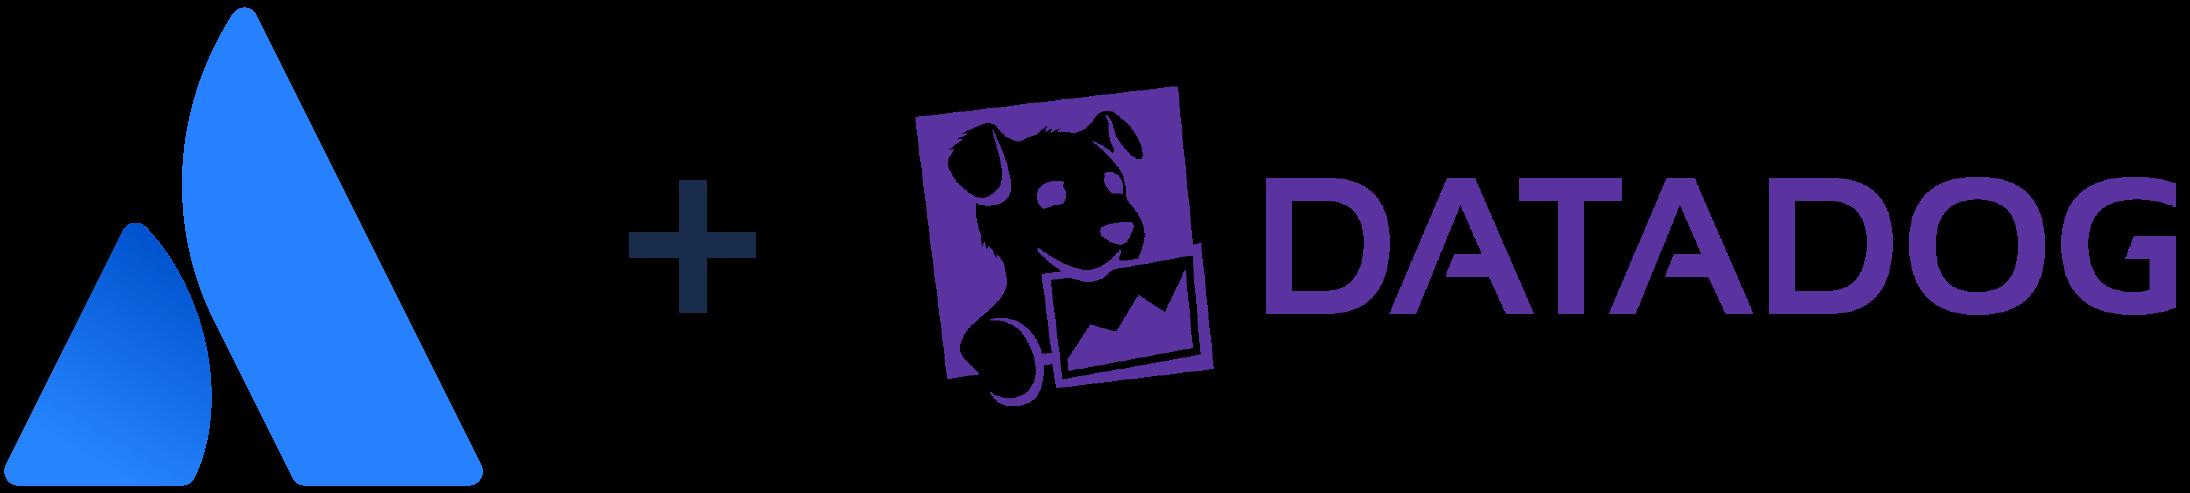 アトラシアンのロゴと Datadog のロゴ